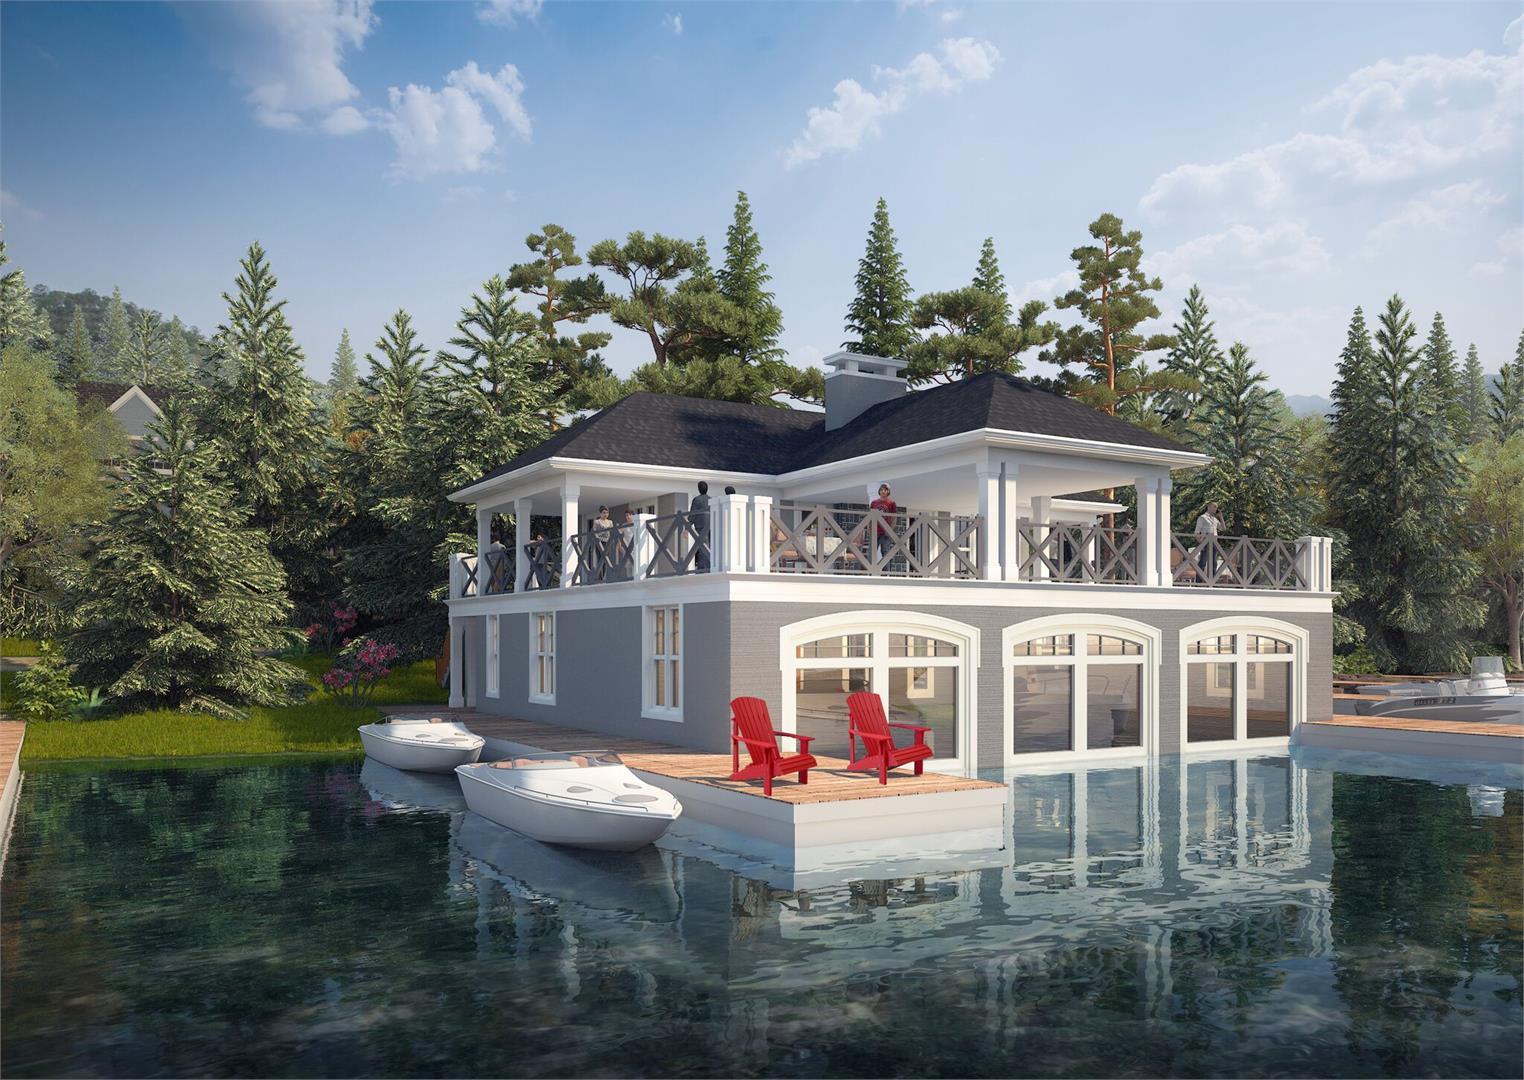 LegacyCottages_Boathouse